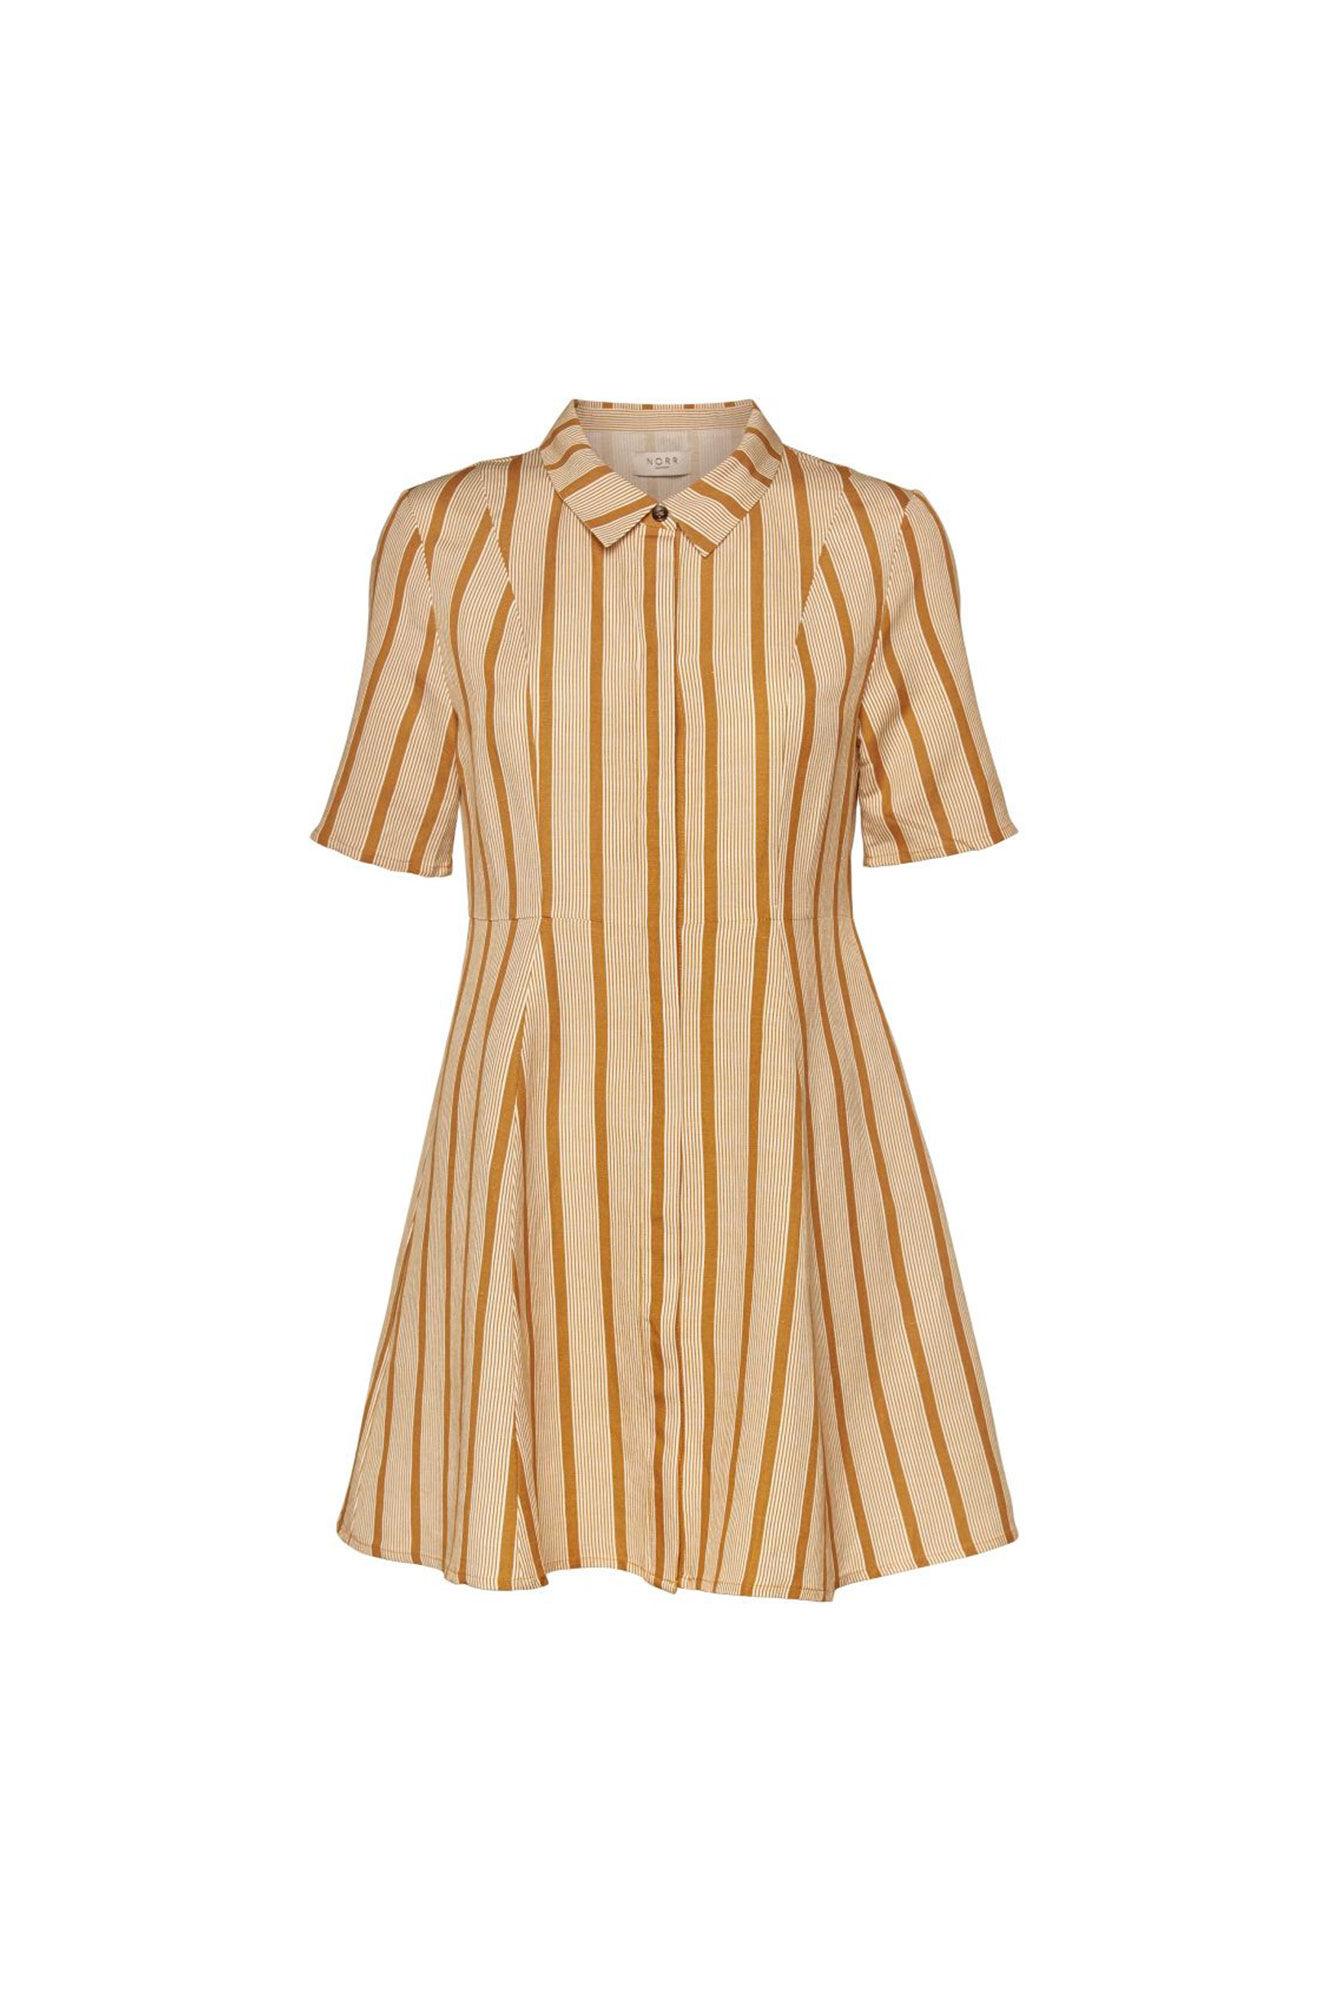 Amira dress 11861273, GOLDEN BROWN/WHITE STRIPE